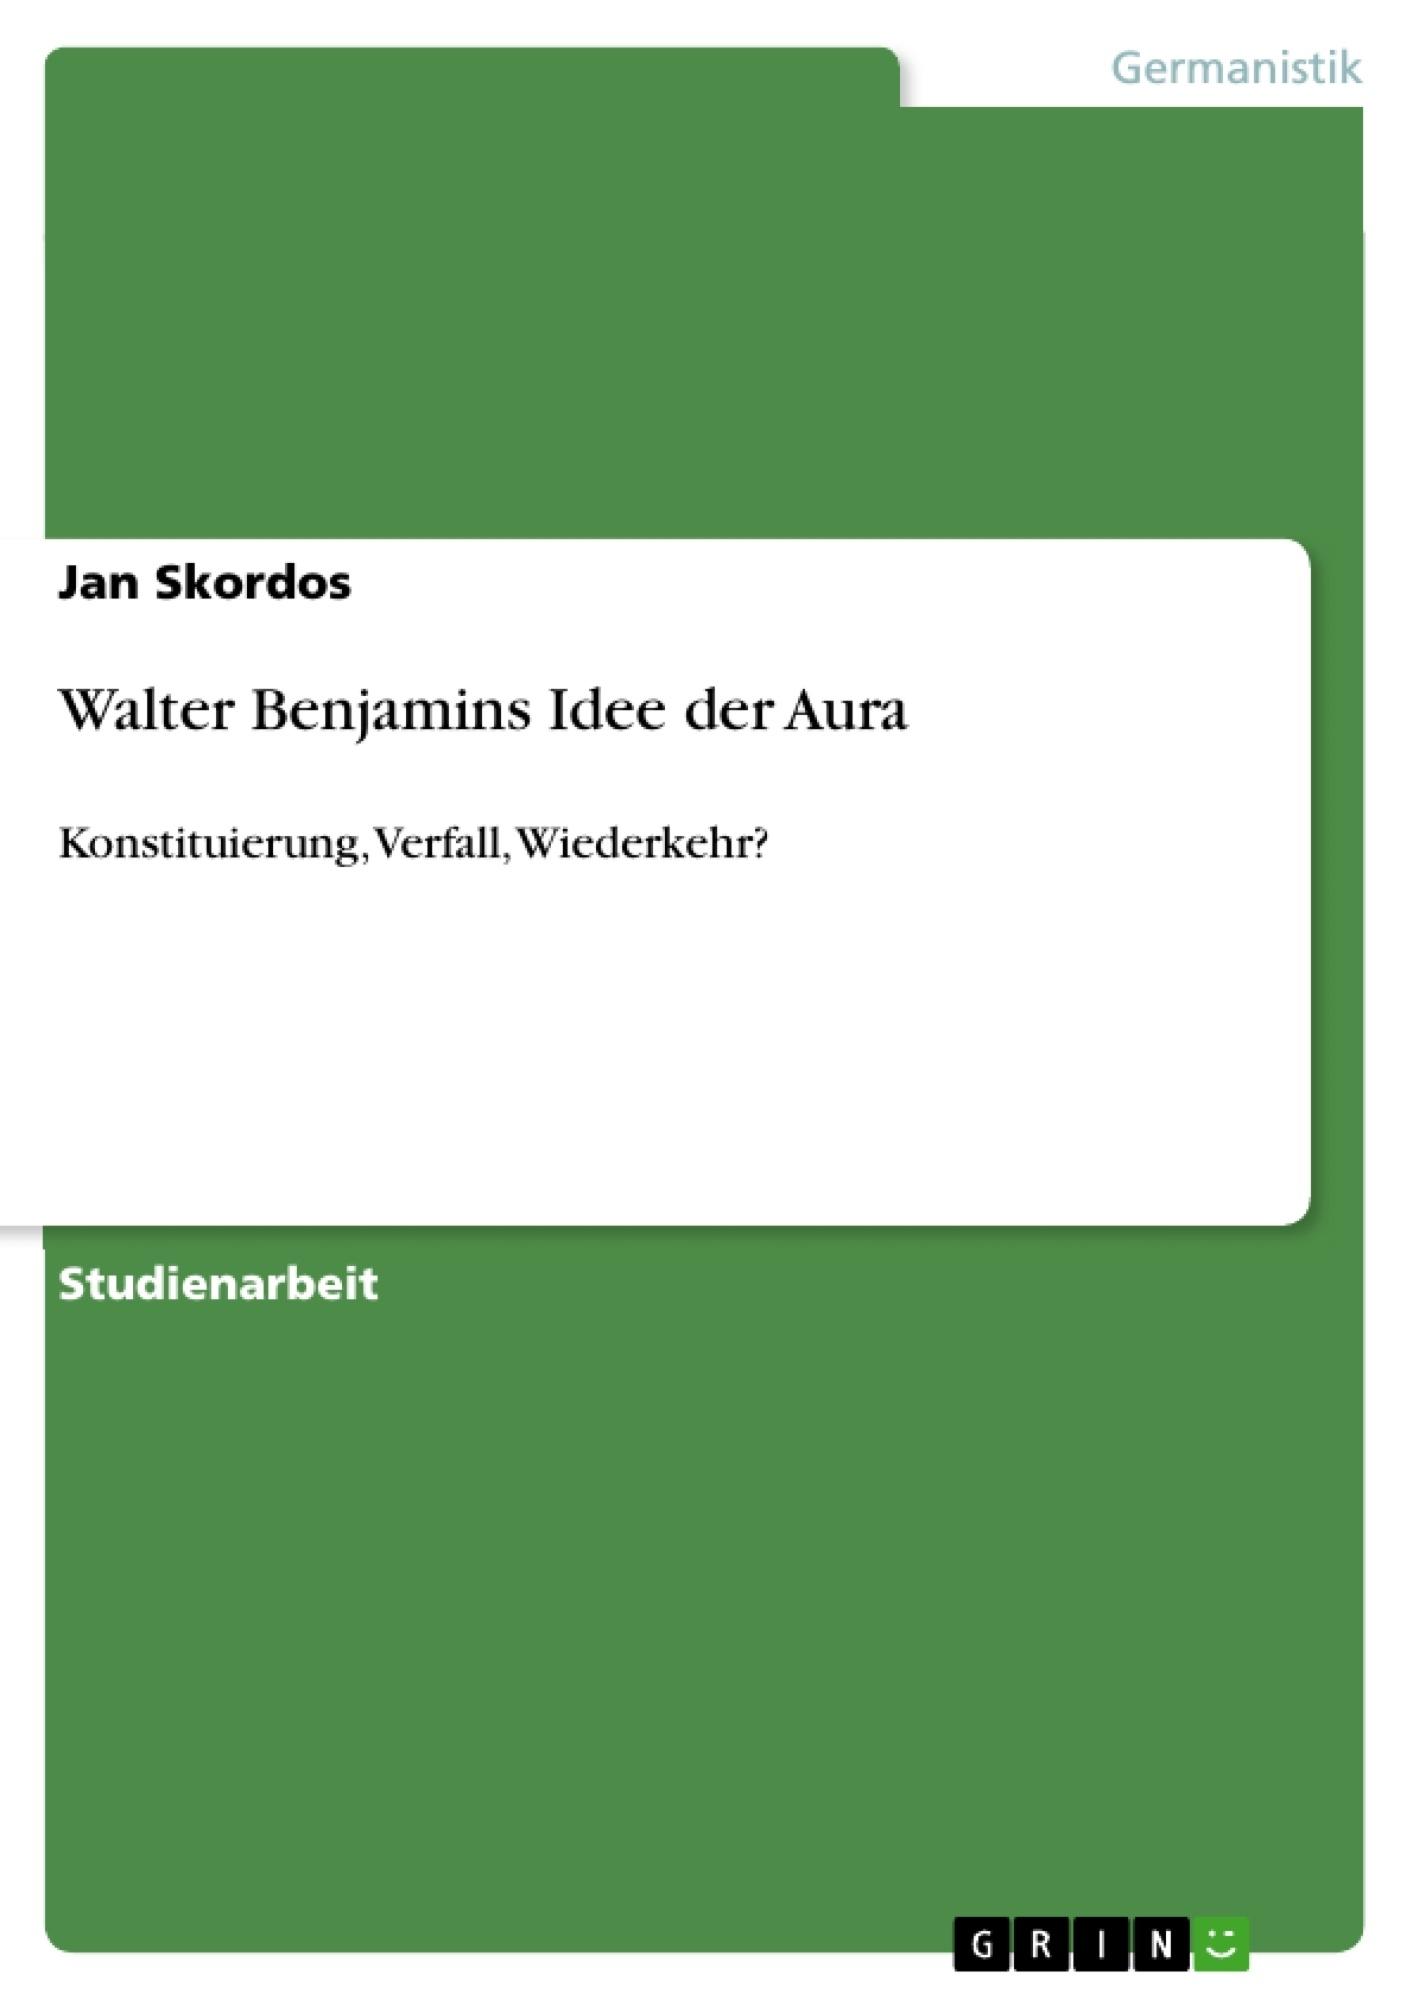 Titel: Walter Benjamins Idee der Aura